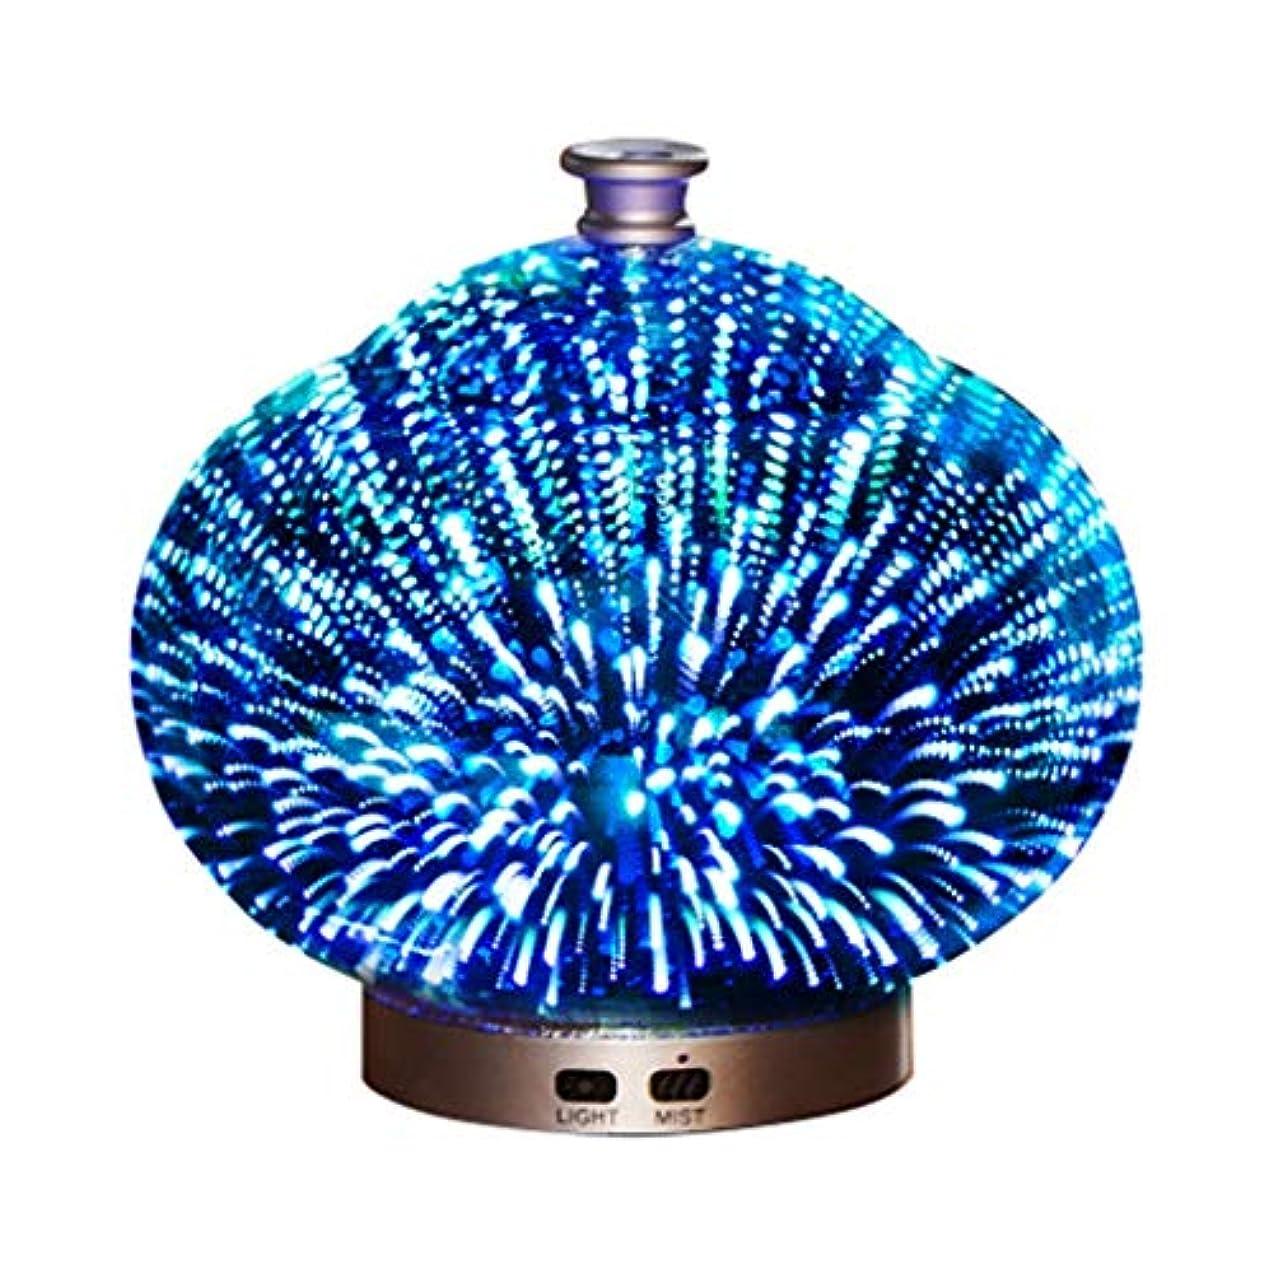 ヘルパー屋内失望3Dガラス100ミリリットルギャラクシープレミアム超音波加湿器で素晴らしいledライト付き、自宅用ヨガオフィススパ寝室ベビールーム (Color : Brass)